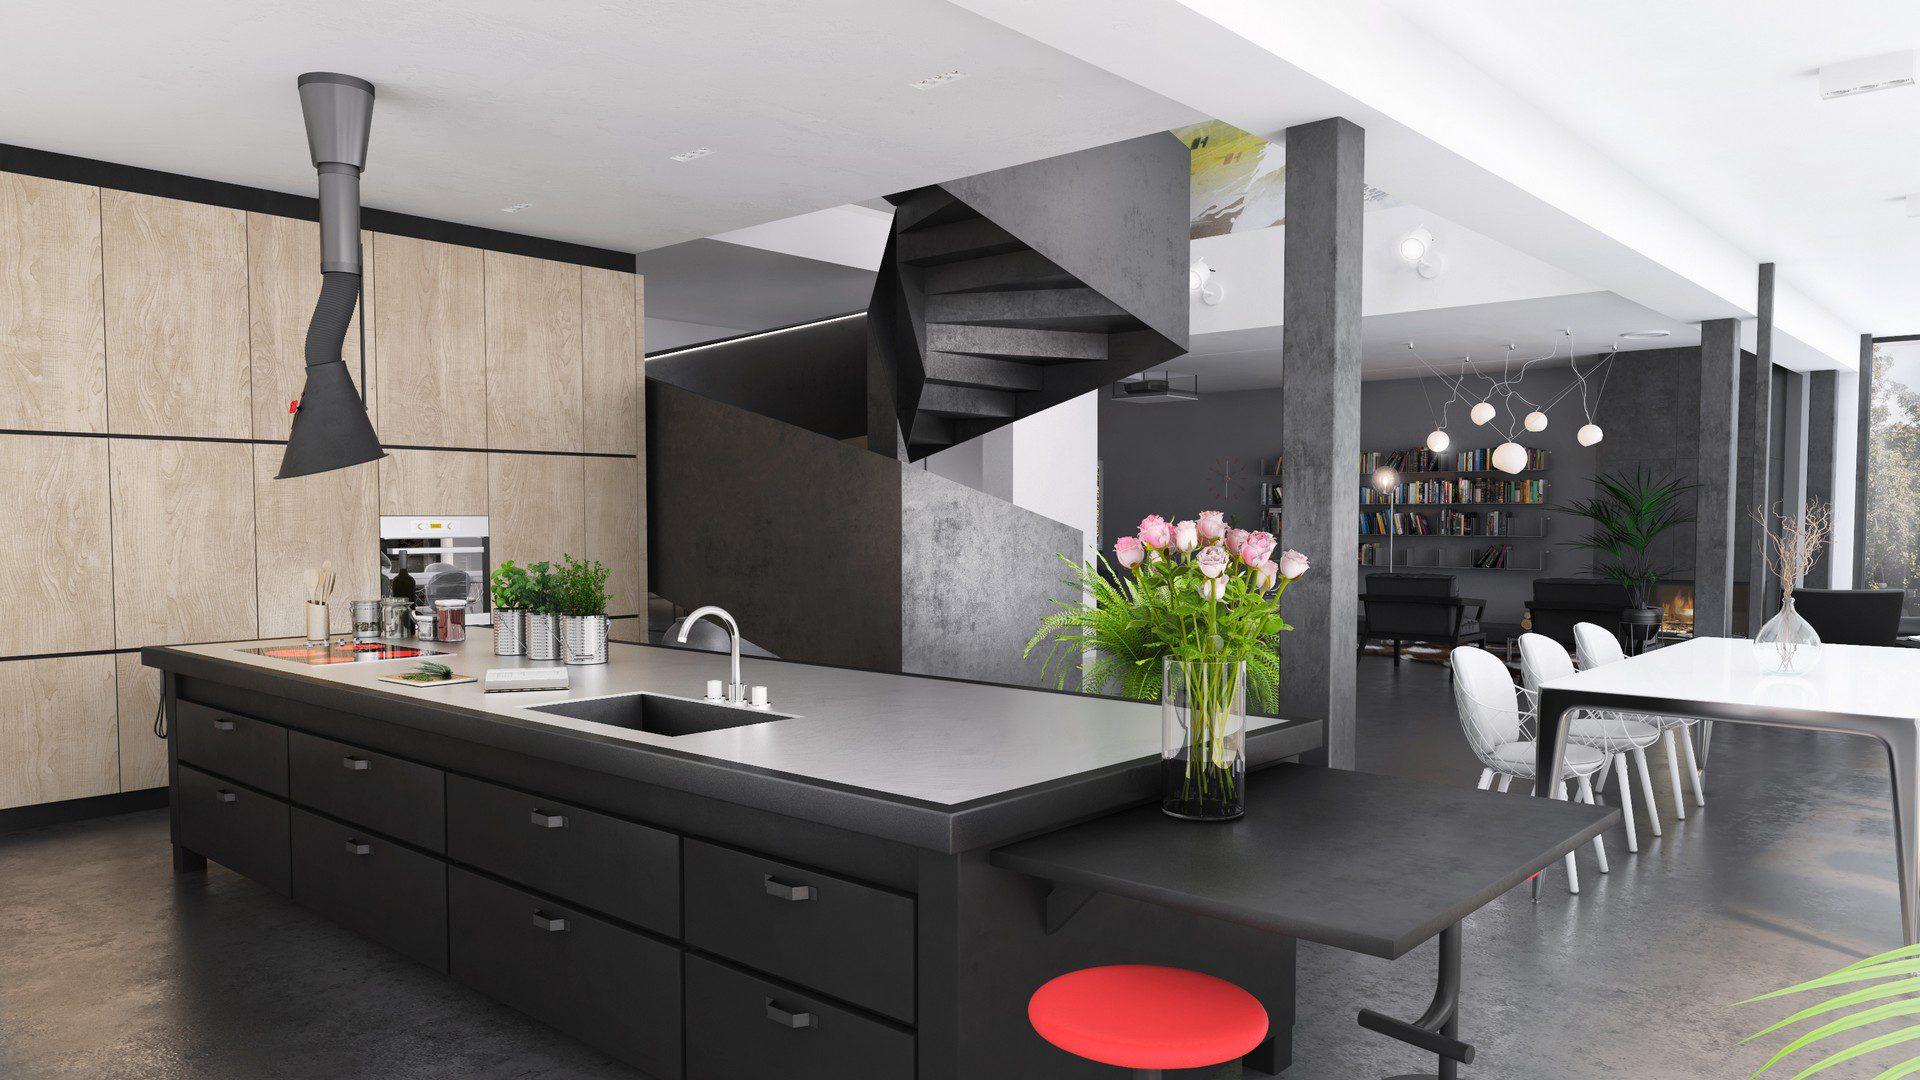 wizualizacja kuchnii w domu jednorodzinnym śląsk